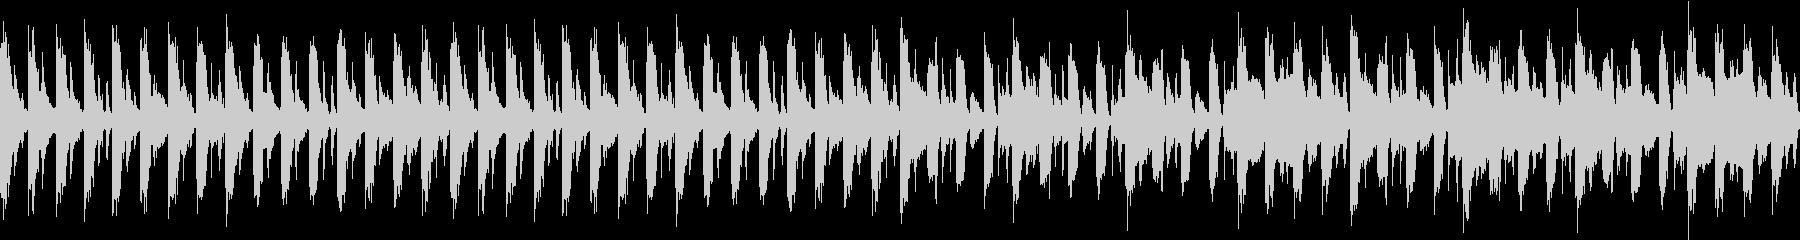 サスペンス系ループBGMの未再生の波形